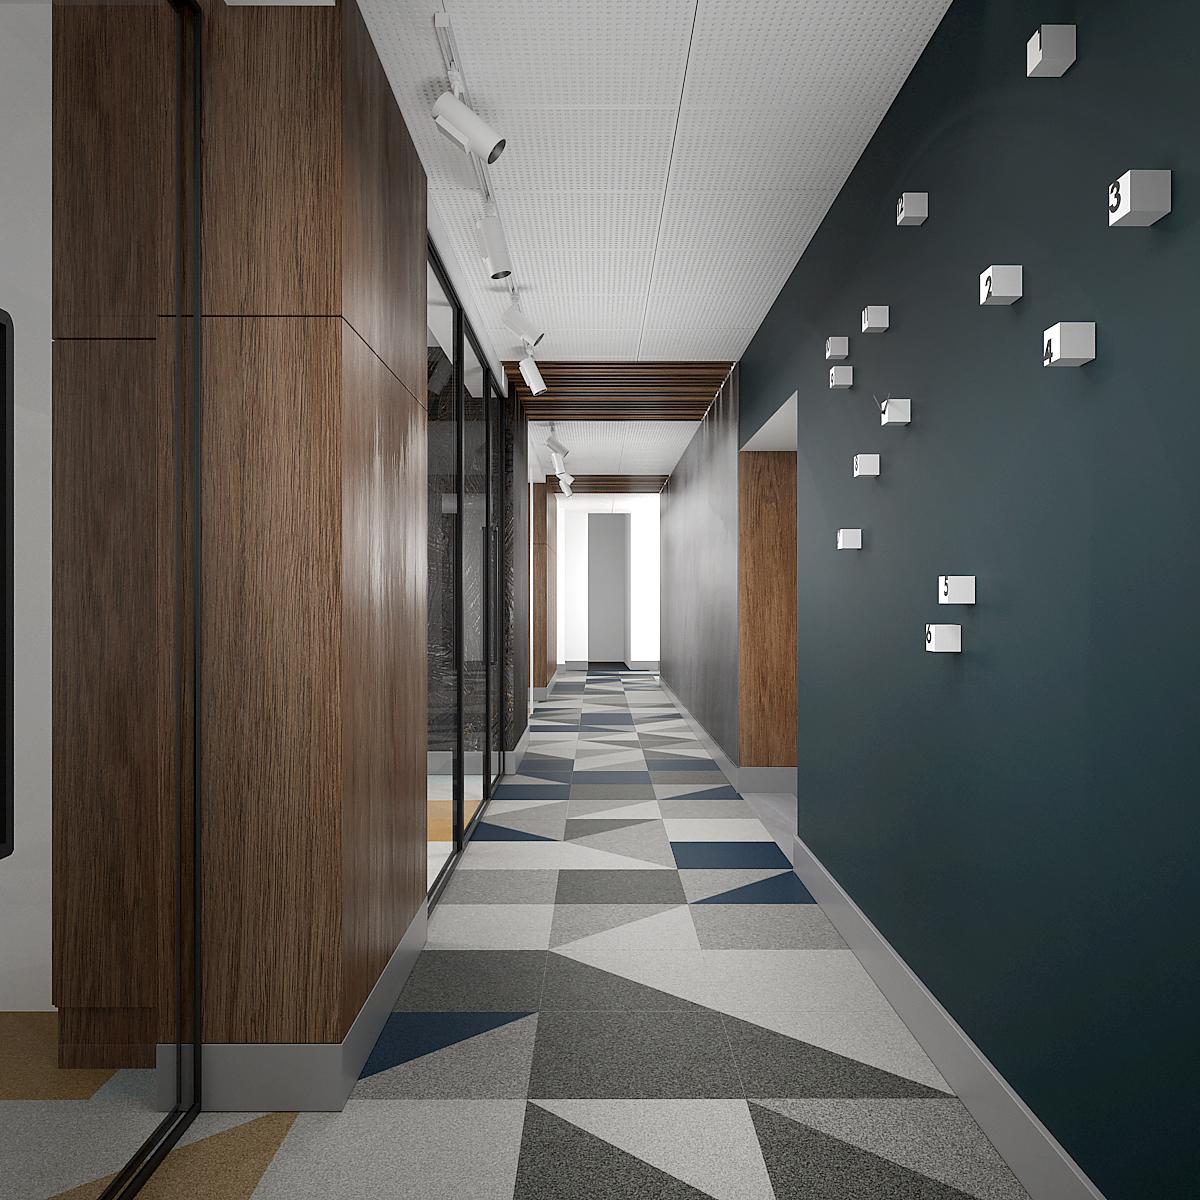 7 projekt biura B247 Kancelaria warszawa korytarz wykladzina w geometryczne wzory plyta meblowa na scianie zegar scienny